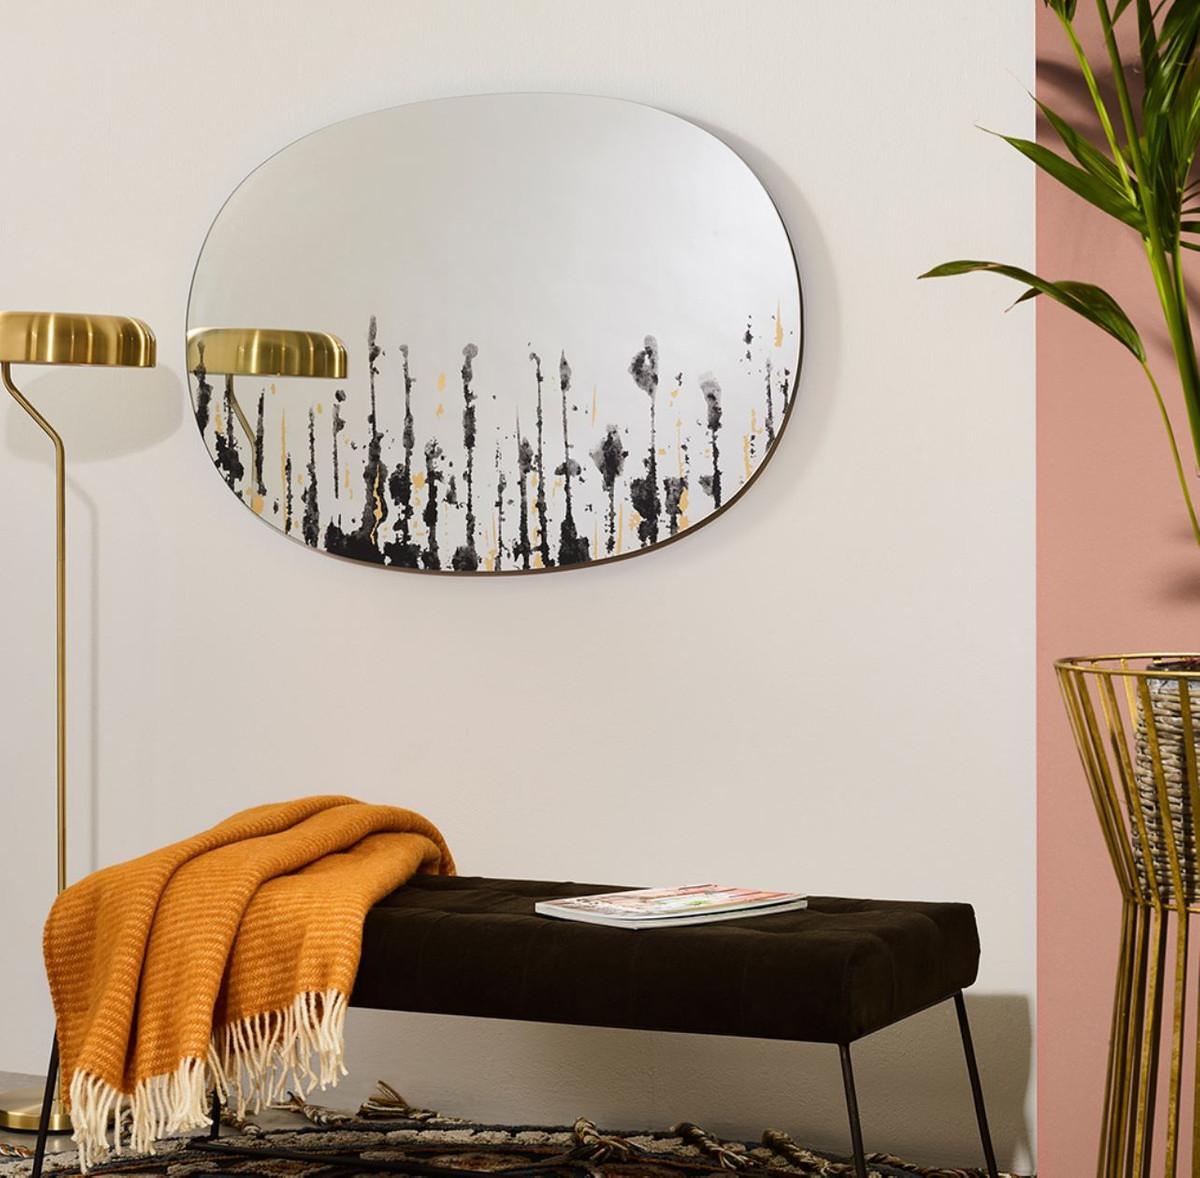 Wohnzimmer Spiegel Top Wohnzimmer Spiegel With Wohnzimmer: Casa Padrino Designer Wandspiegel Schwarz / Gold 76 X H